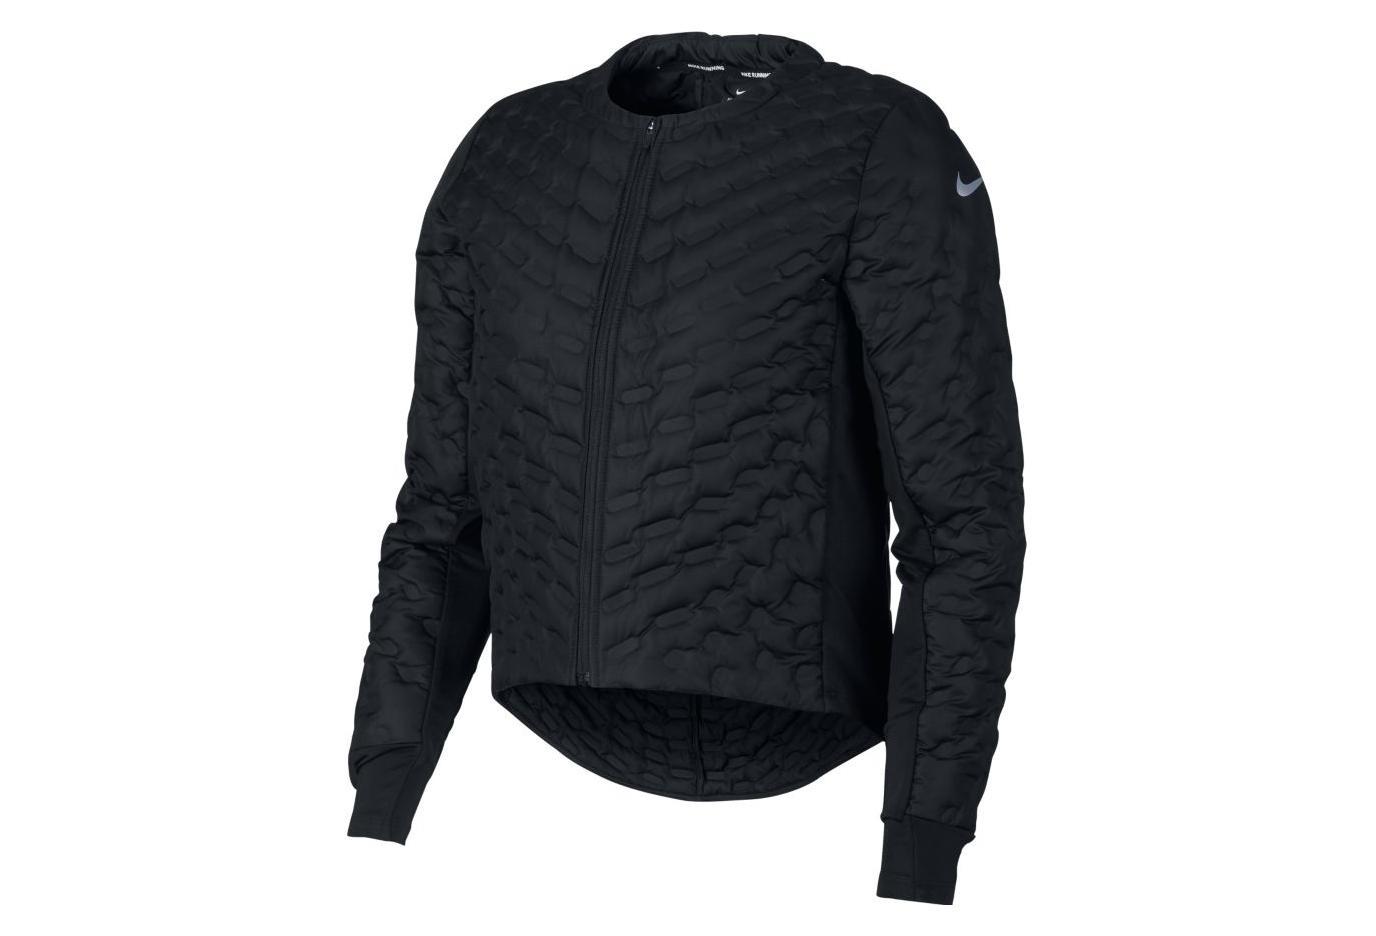 Nike AeroLoft Women's Thermal Zip Jacket Black